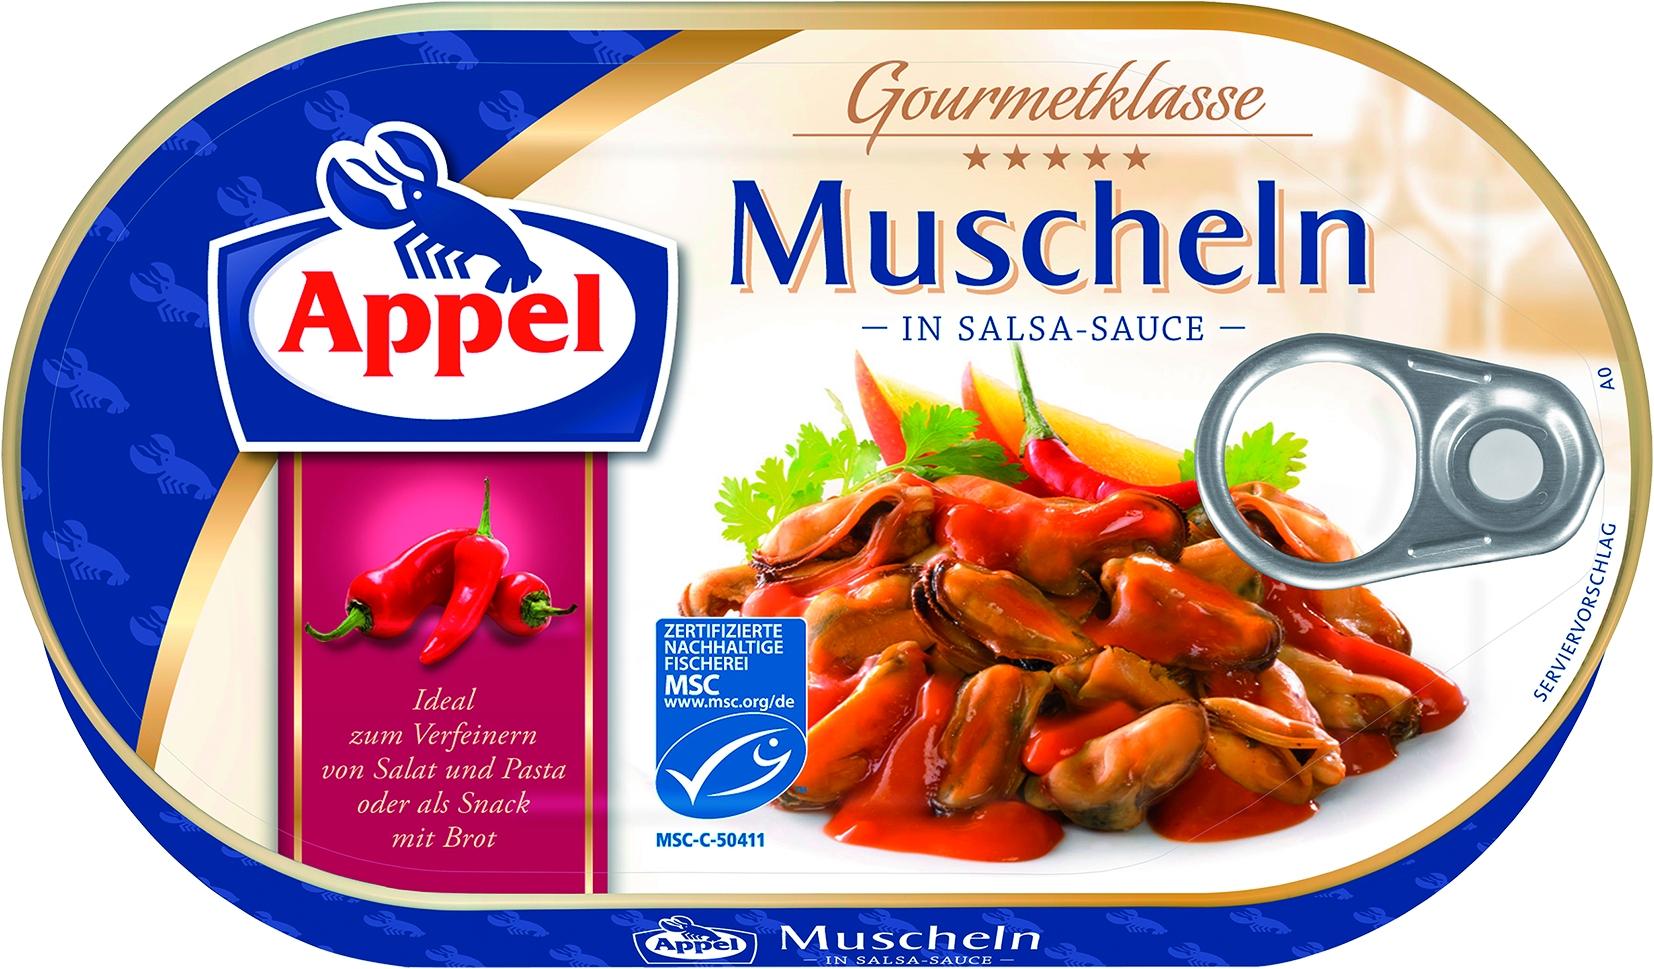 Muscheln in Salsasauce